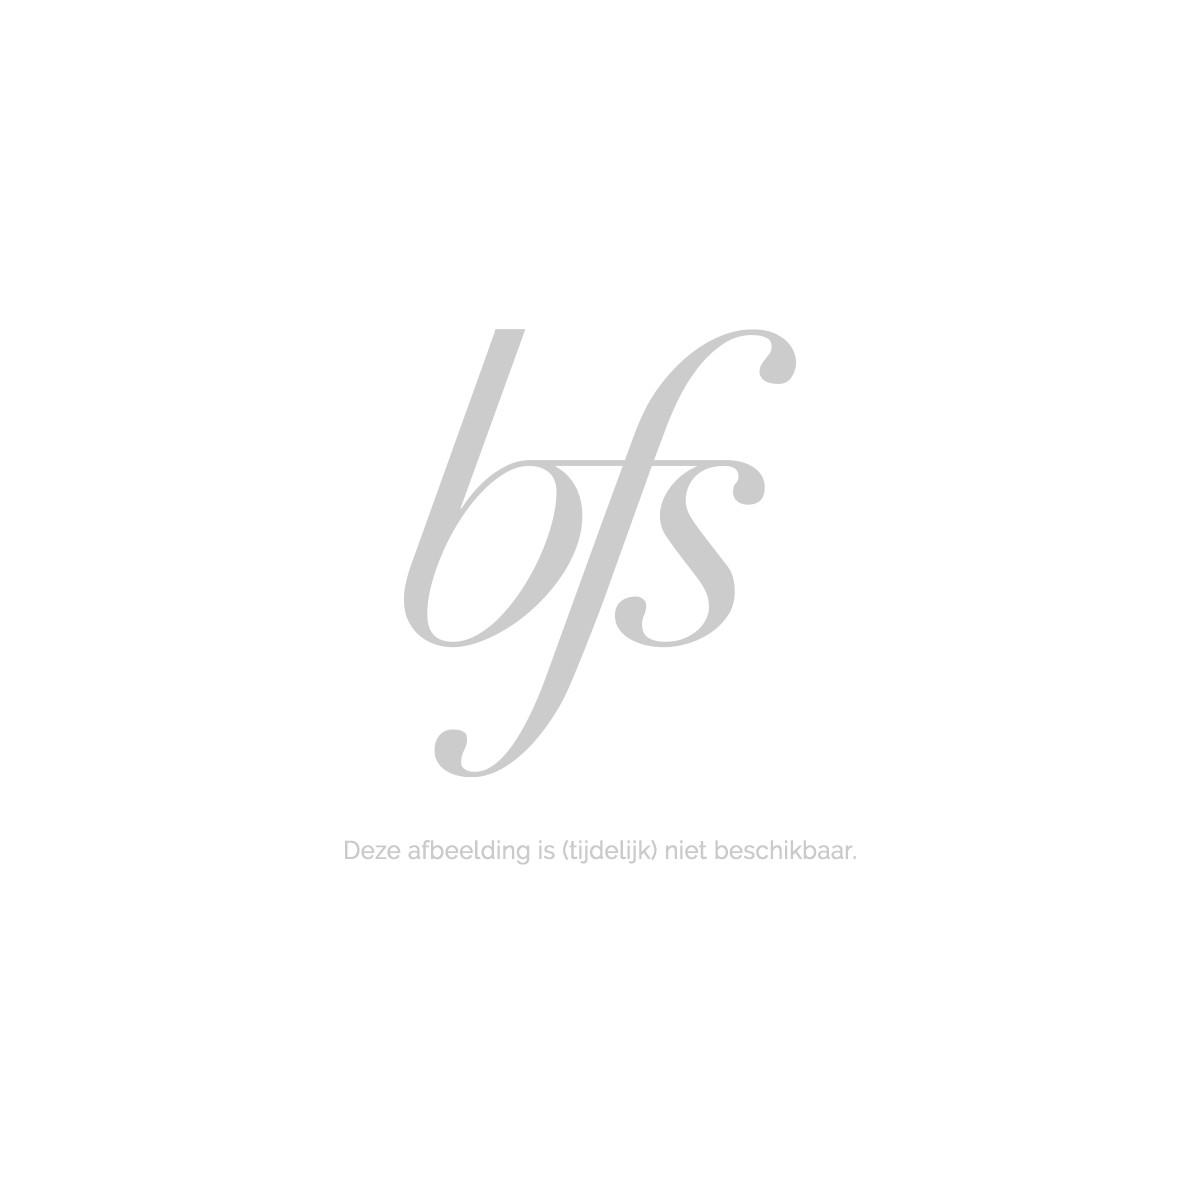 Beautyblender Liquid Blendercleanser Pro 295 Ml